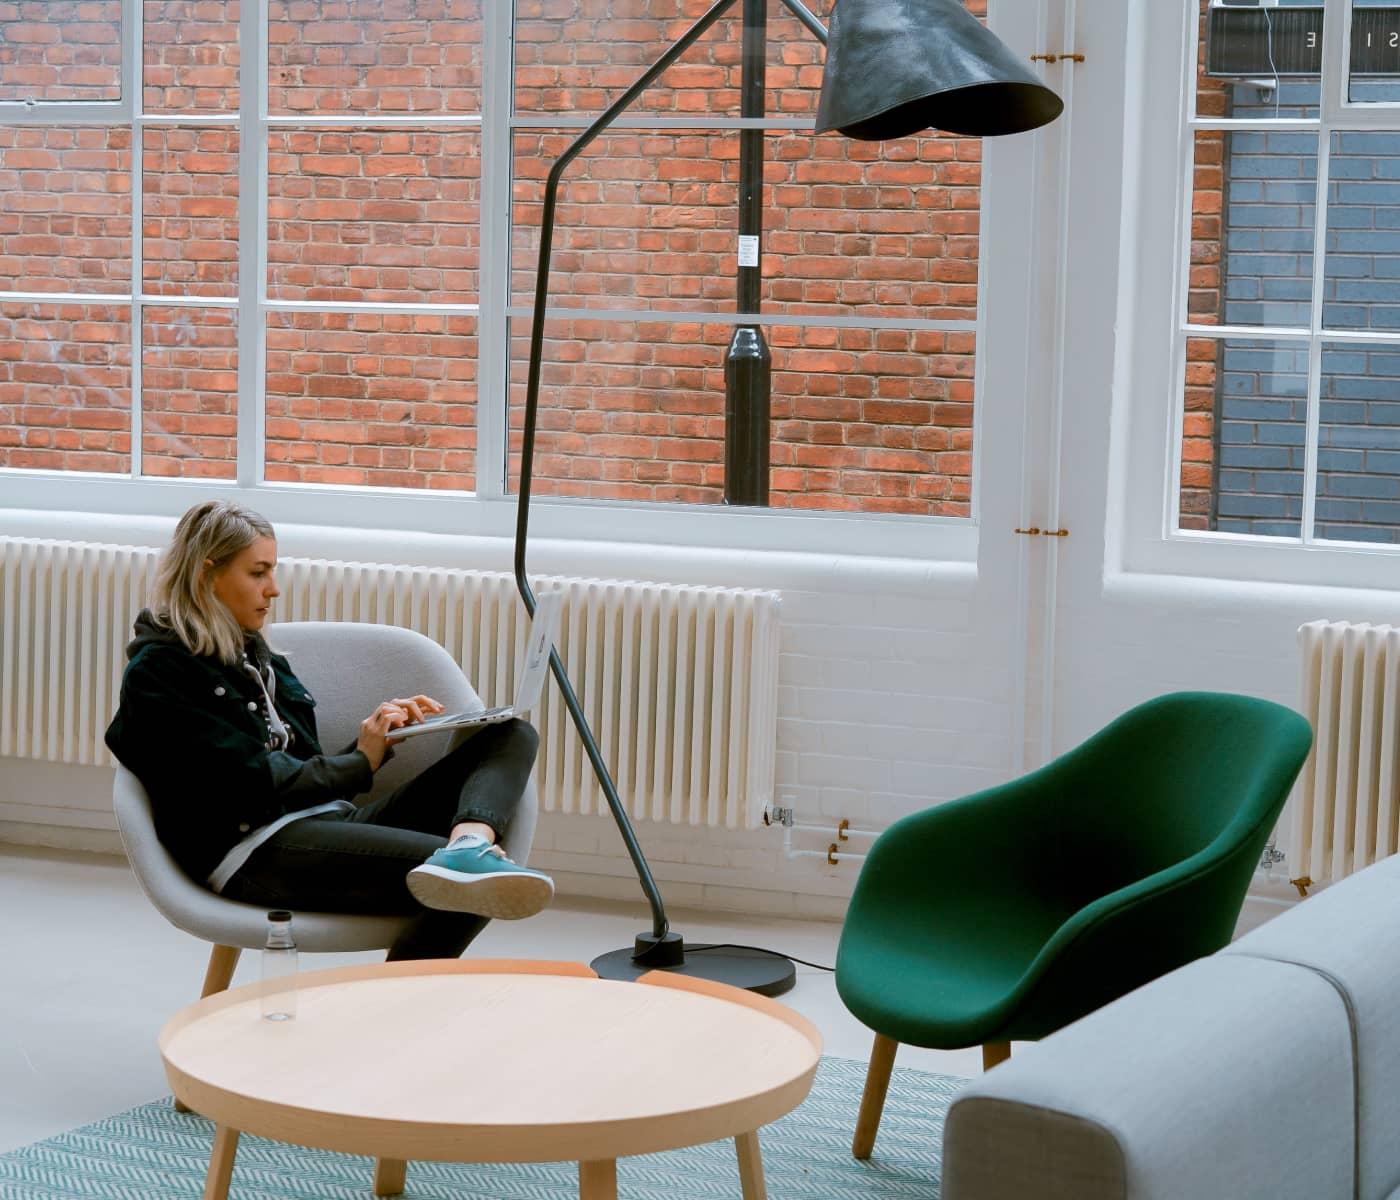 Immagine di una ragazza che lavora con il portatile